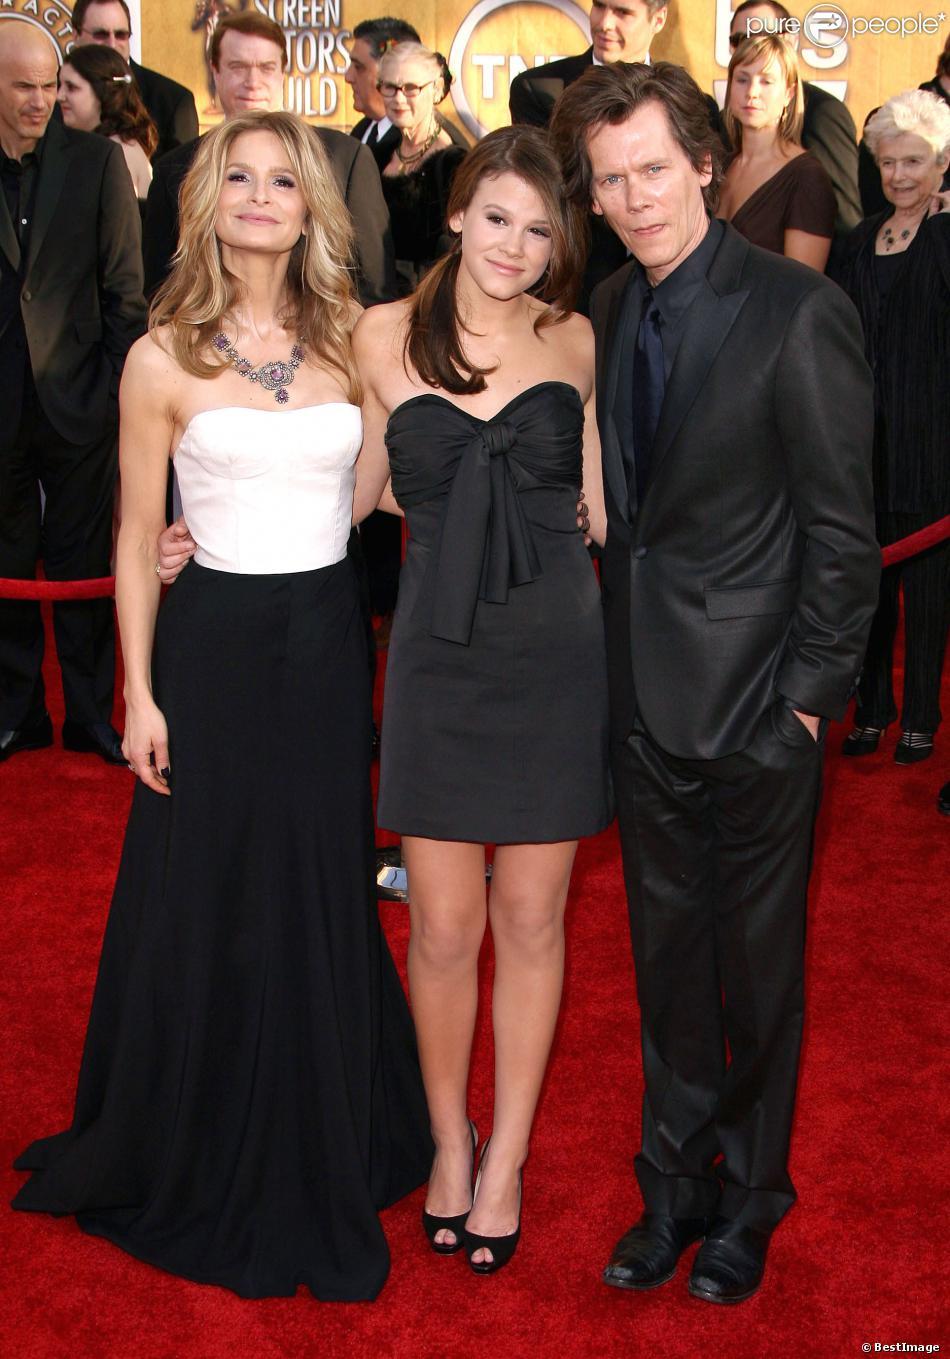 Kevin Bacon et Kyra Sedgwick avec leur fille Sosie Bacon à la cérémonie des SAG Awards, le 25 janvier 2009 à Los Angeles